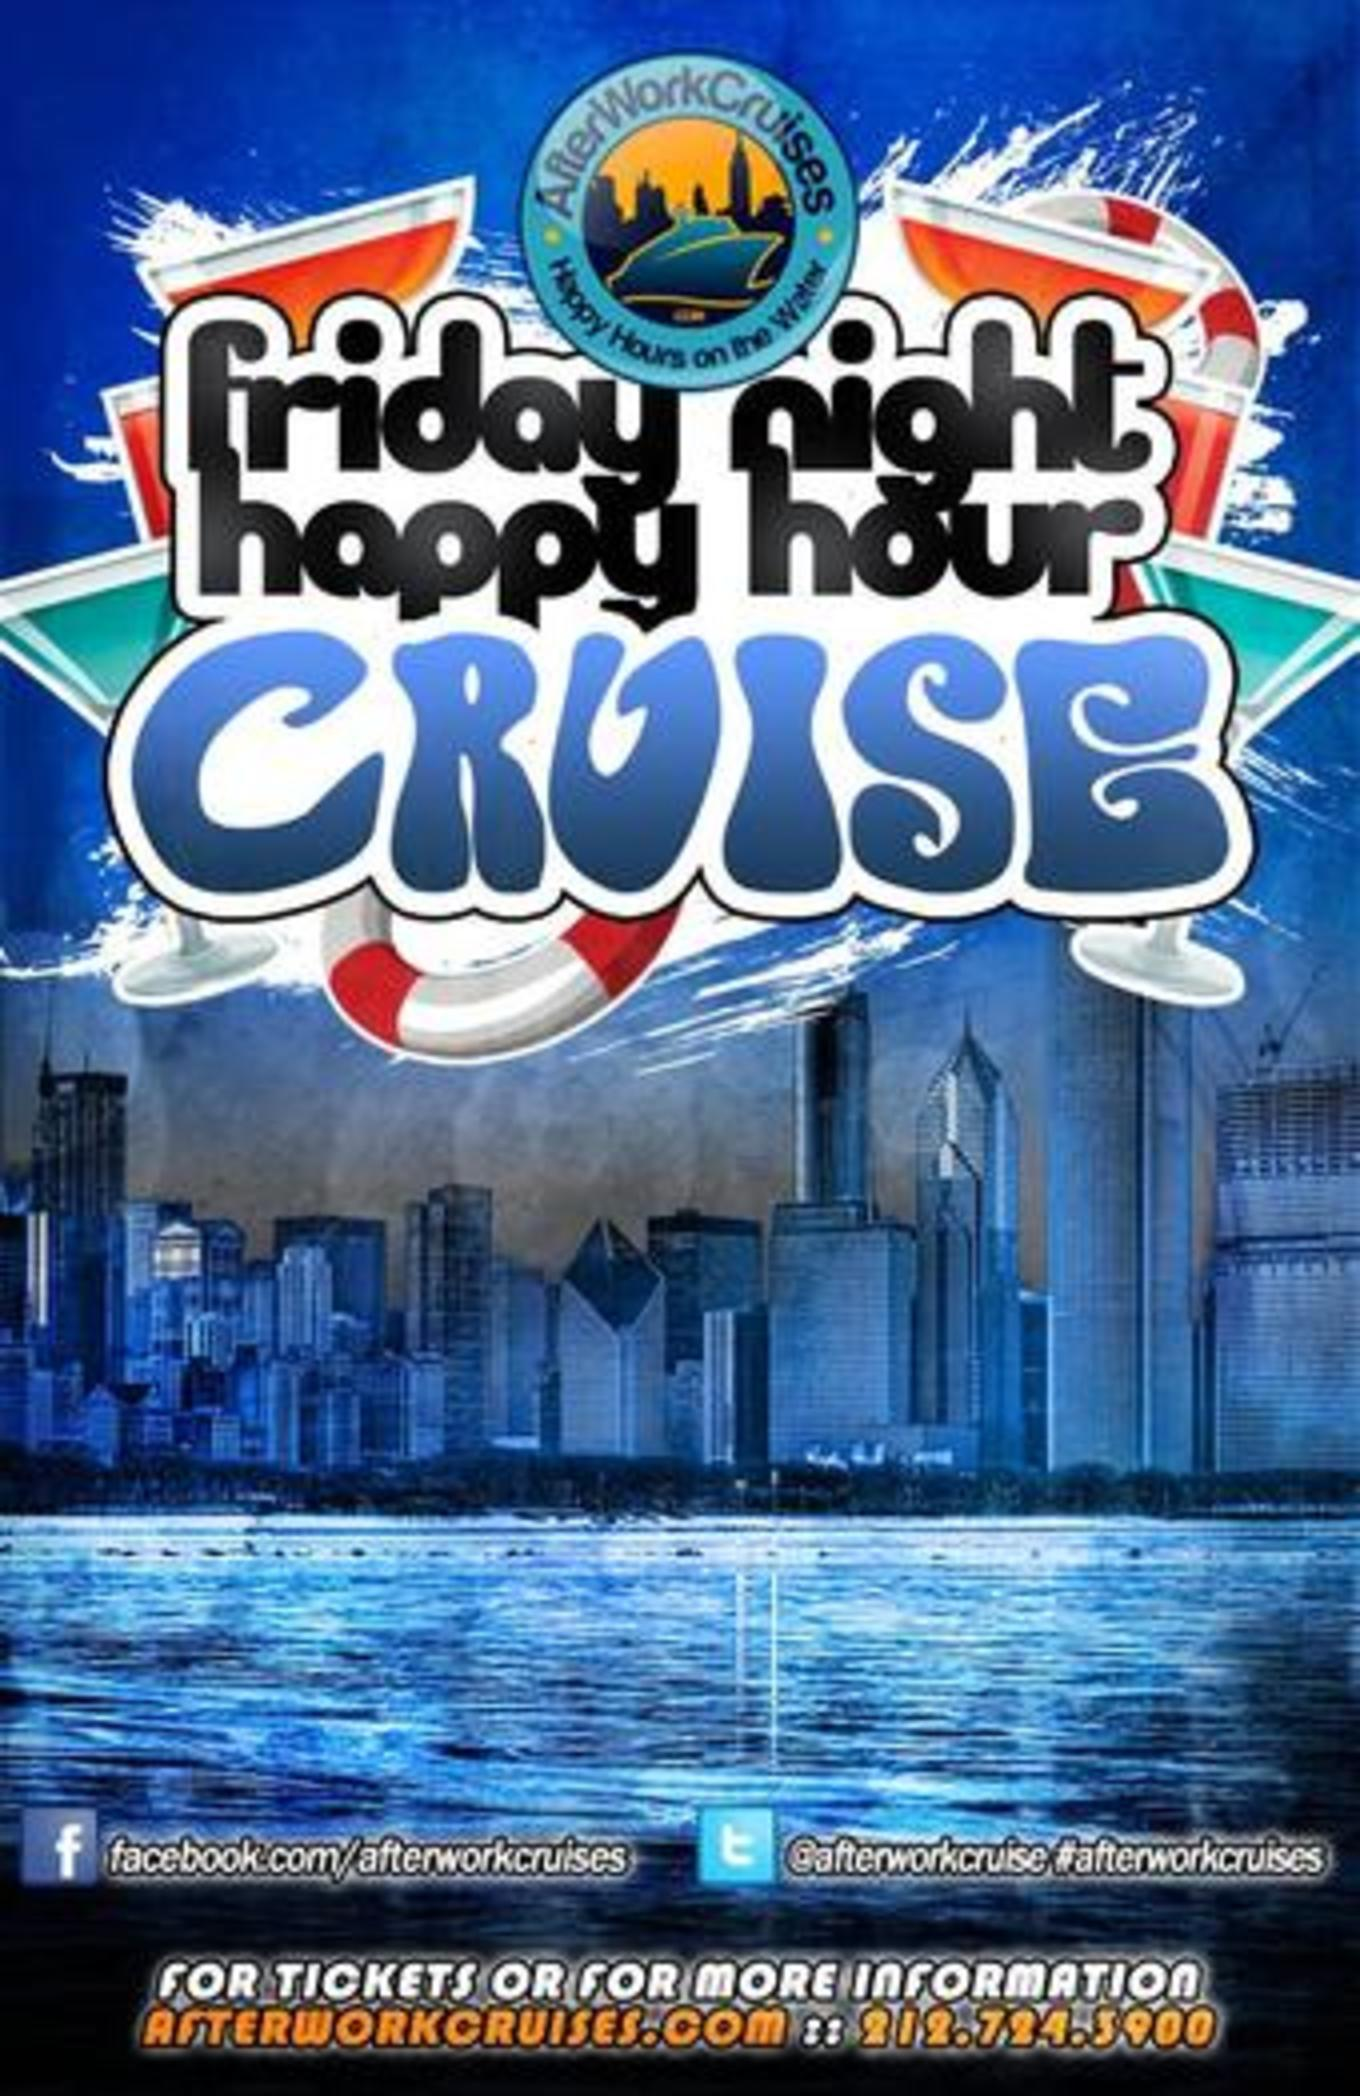 Friday Night Happy Hour Cruise - Tickets - Skyport Marina, New ...